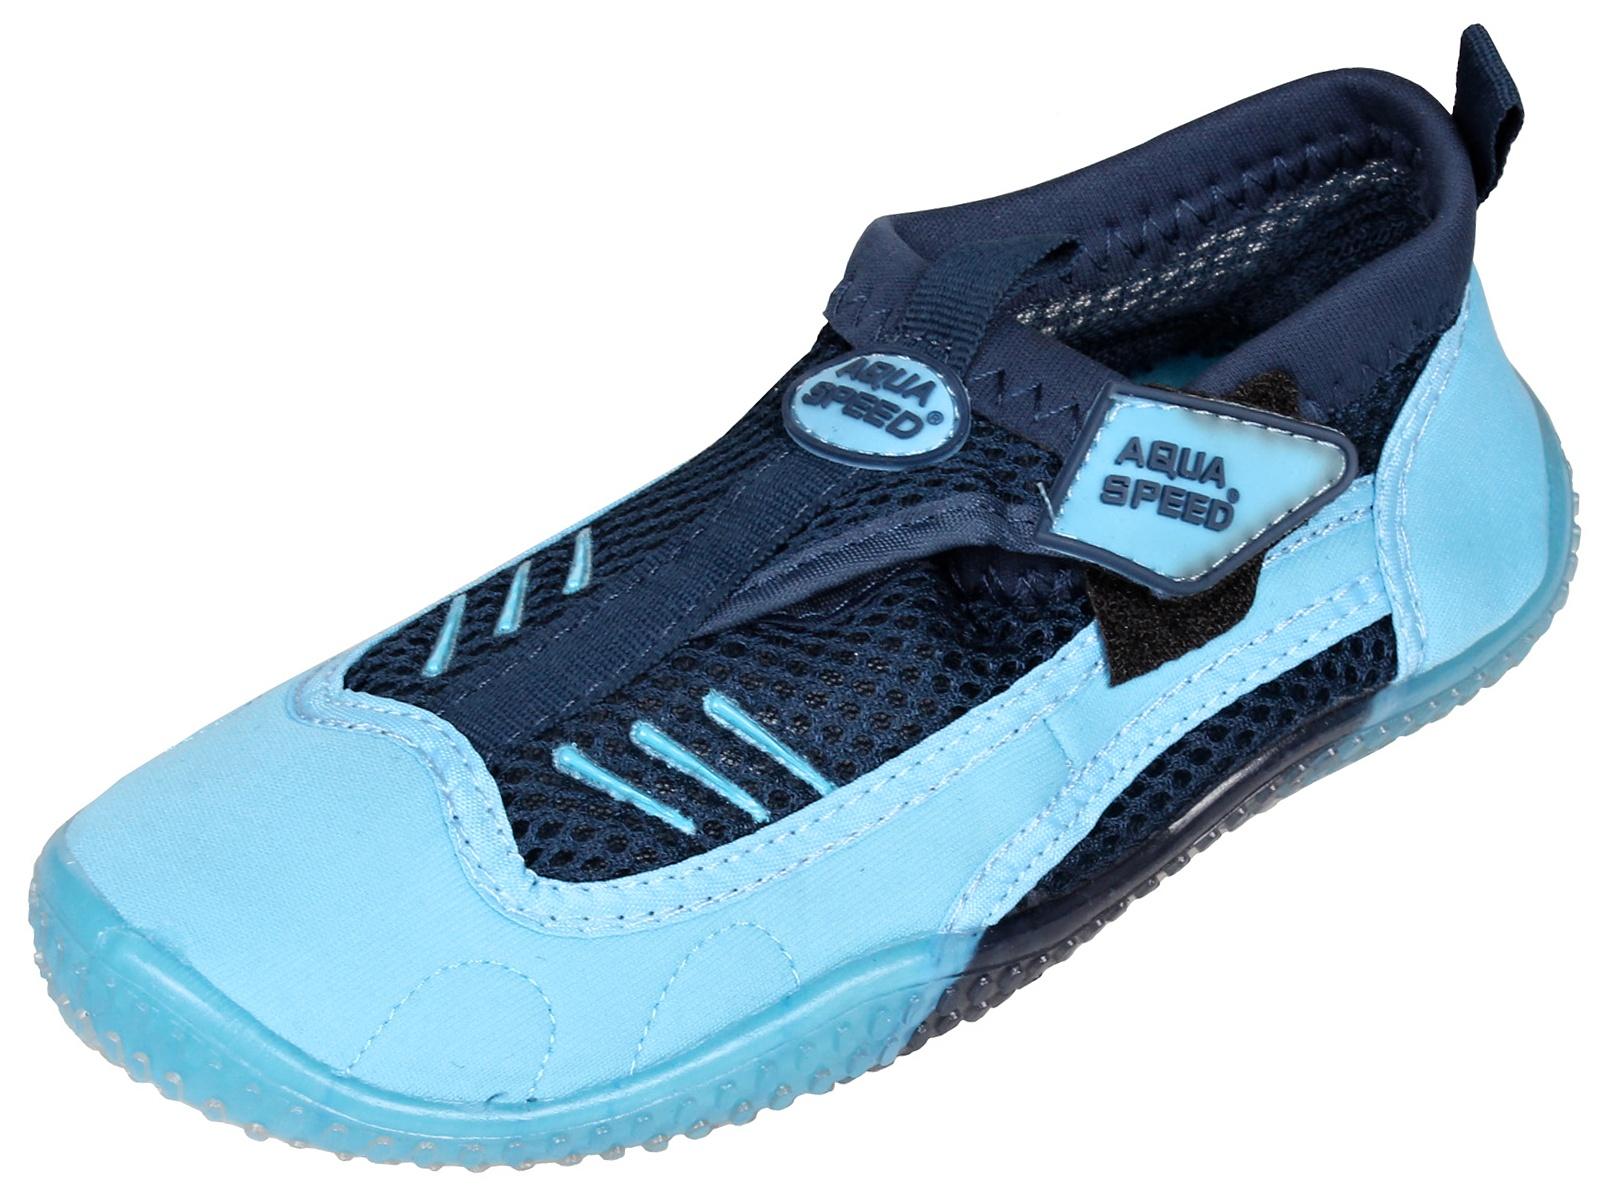 1e7e4c9e4263b Topanky do vody aqua speed 7a modre vel 35 | Stojizato.sme.sk